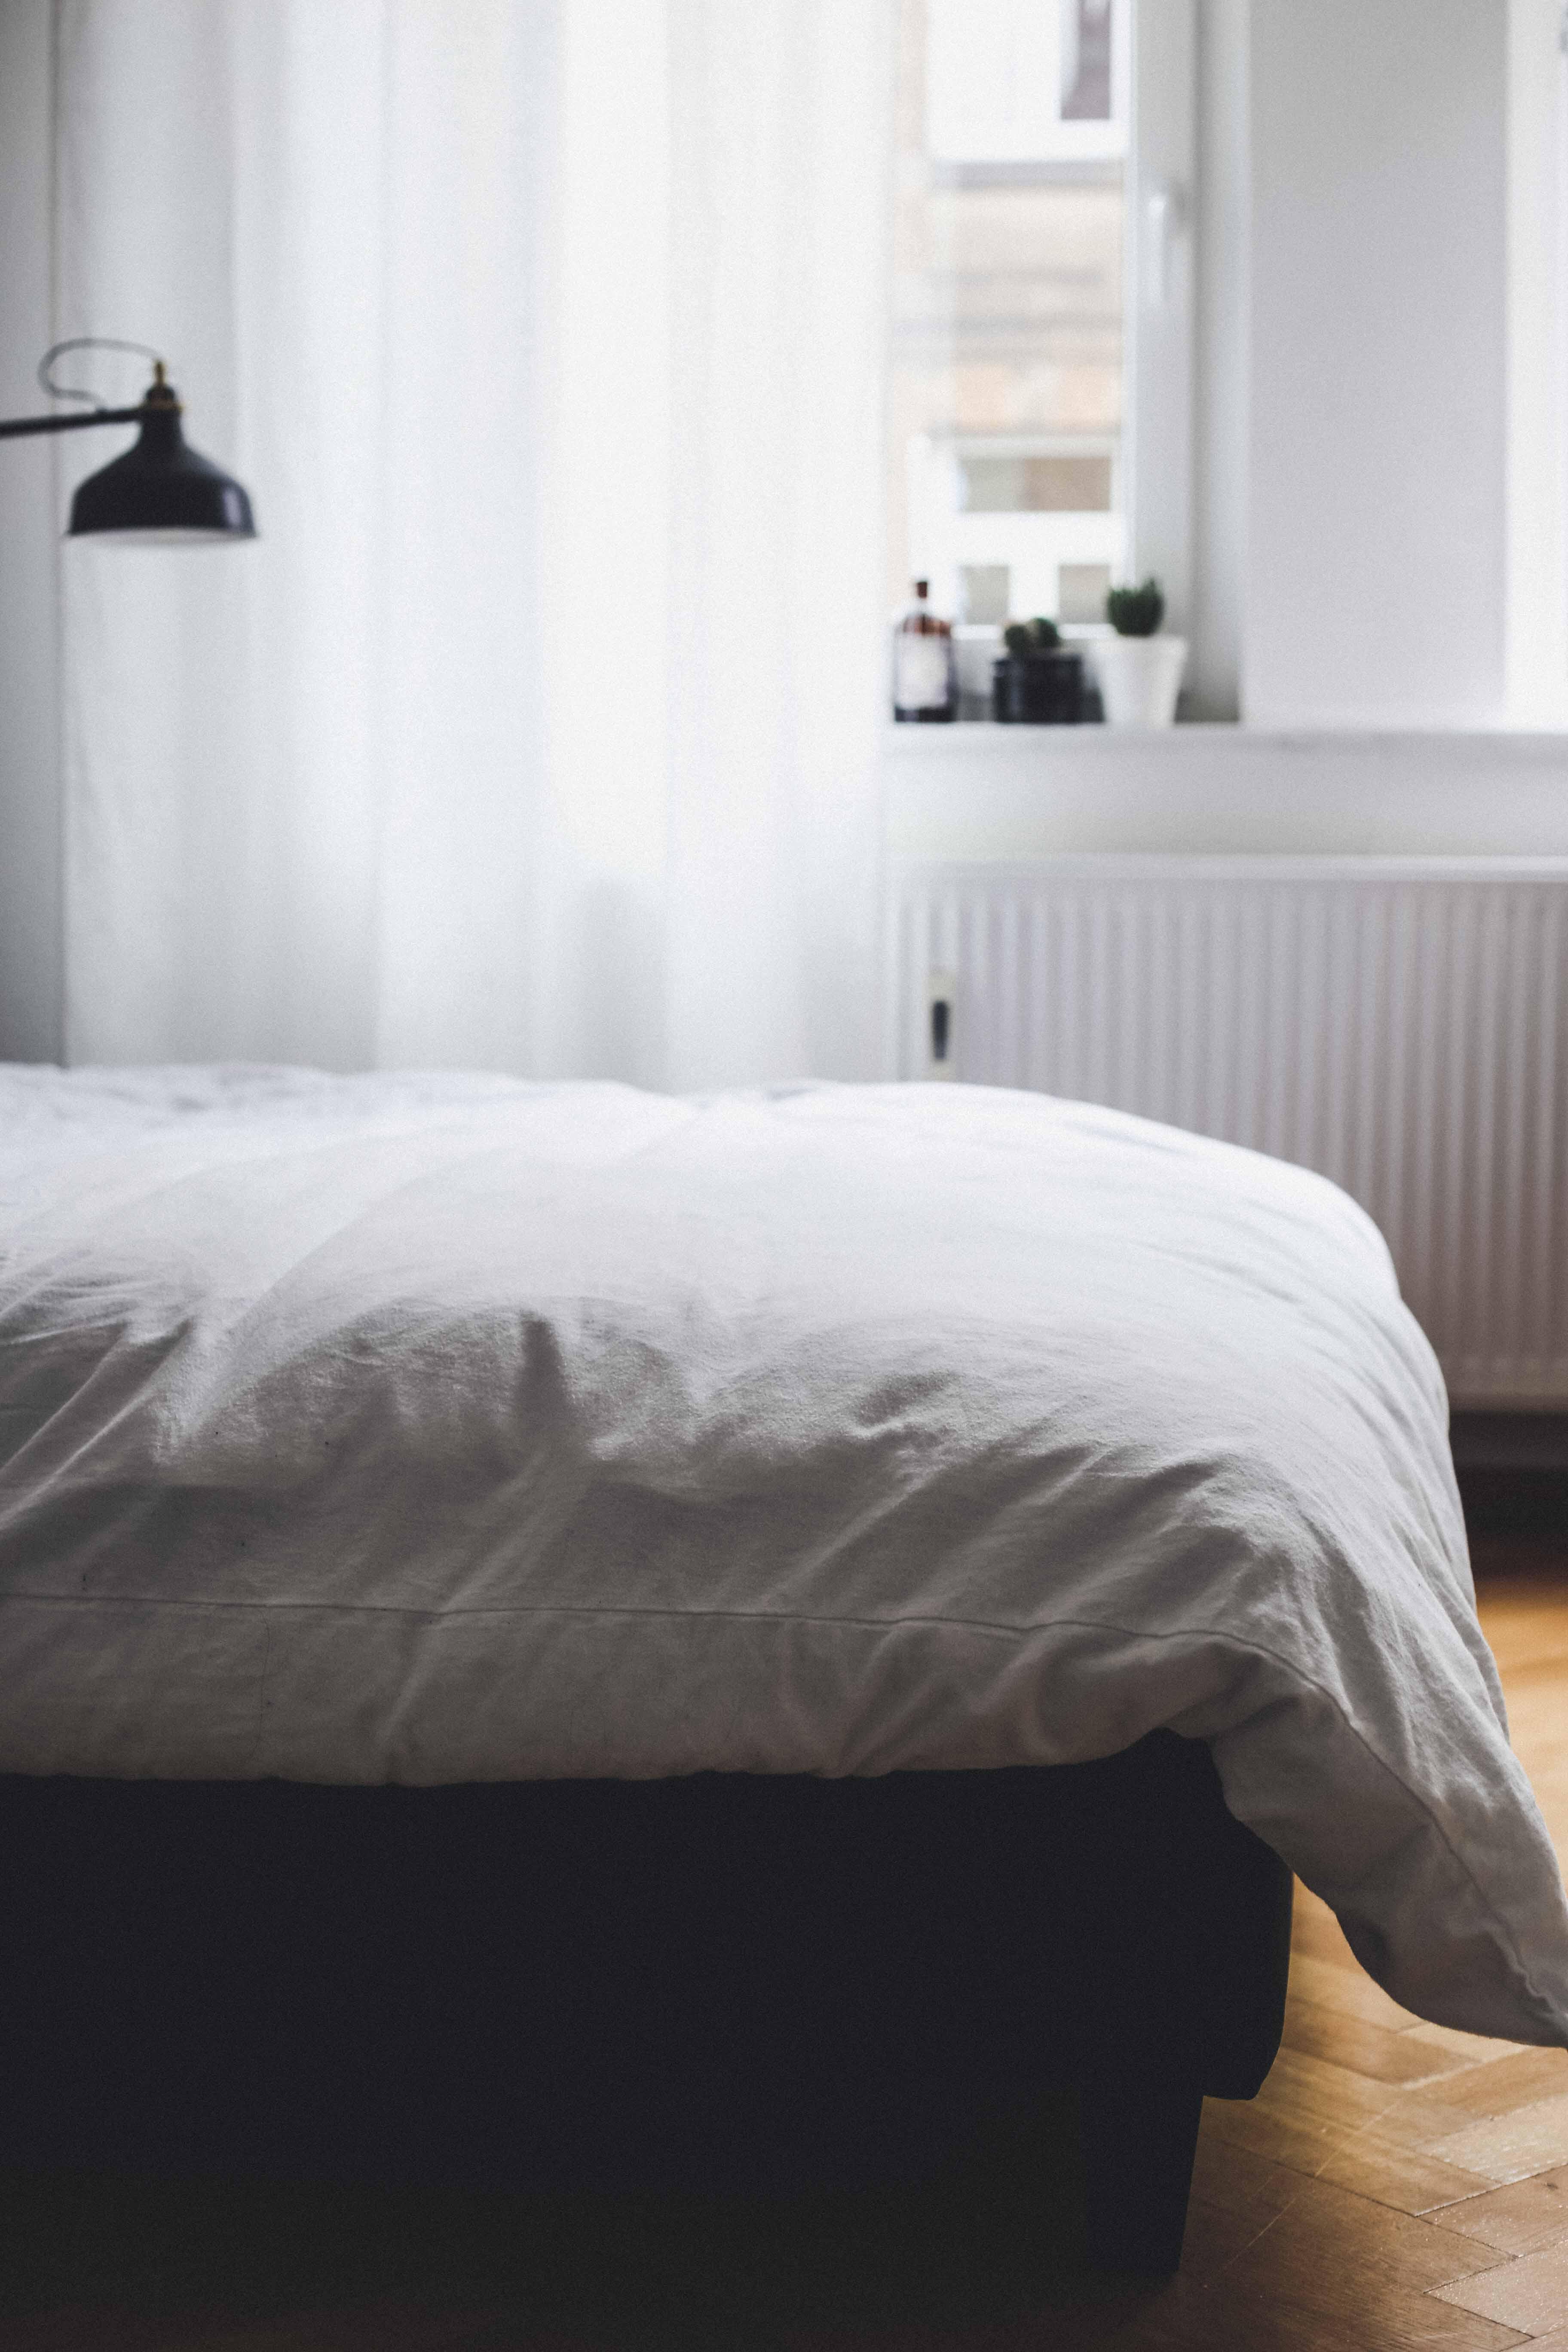 doandlive-bett-schlafzimmer-interior-ottoliving-otto (4 von ...